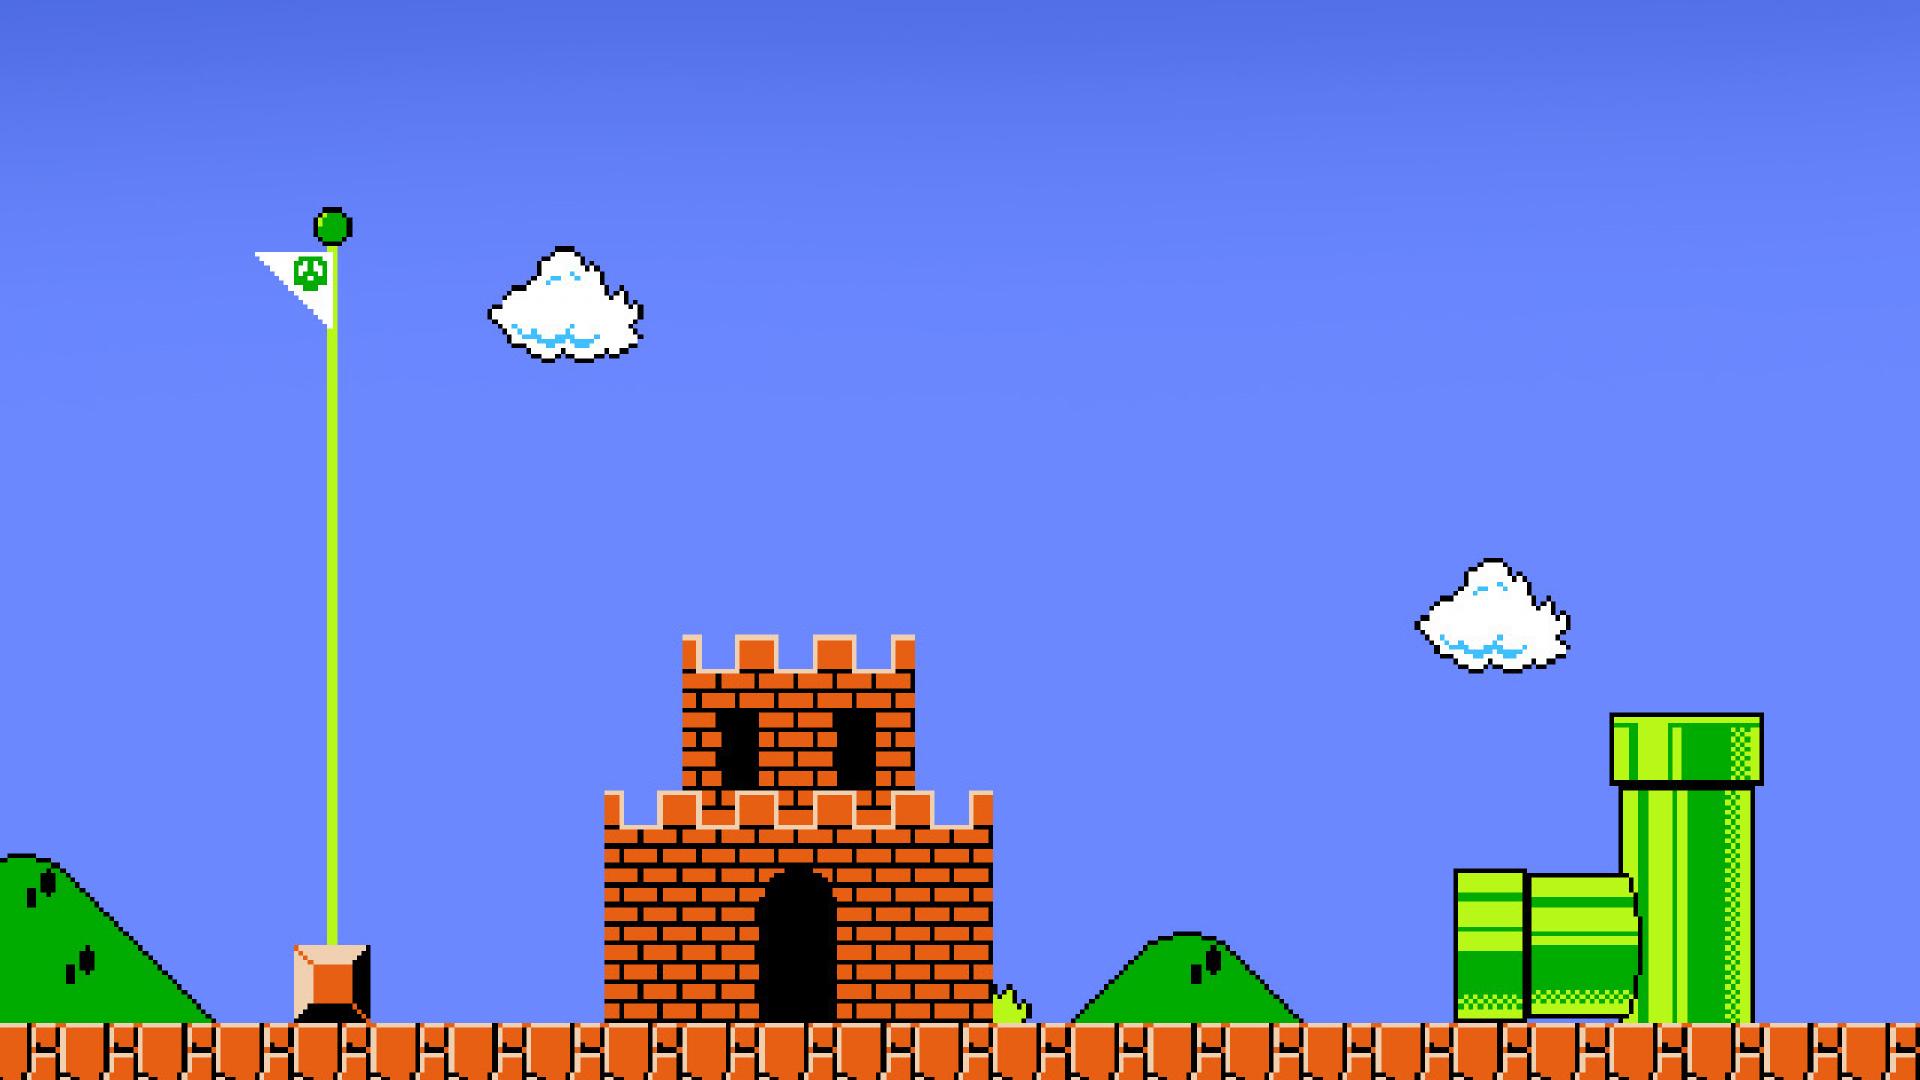 Download Mario Wallpaper High Definition For Free Wallpaper Monodomo In 2020 Super Mario Coloring Pages Mario Video Game Super Mario Bros Games